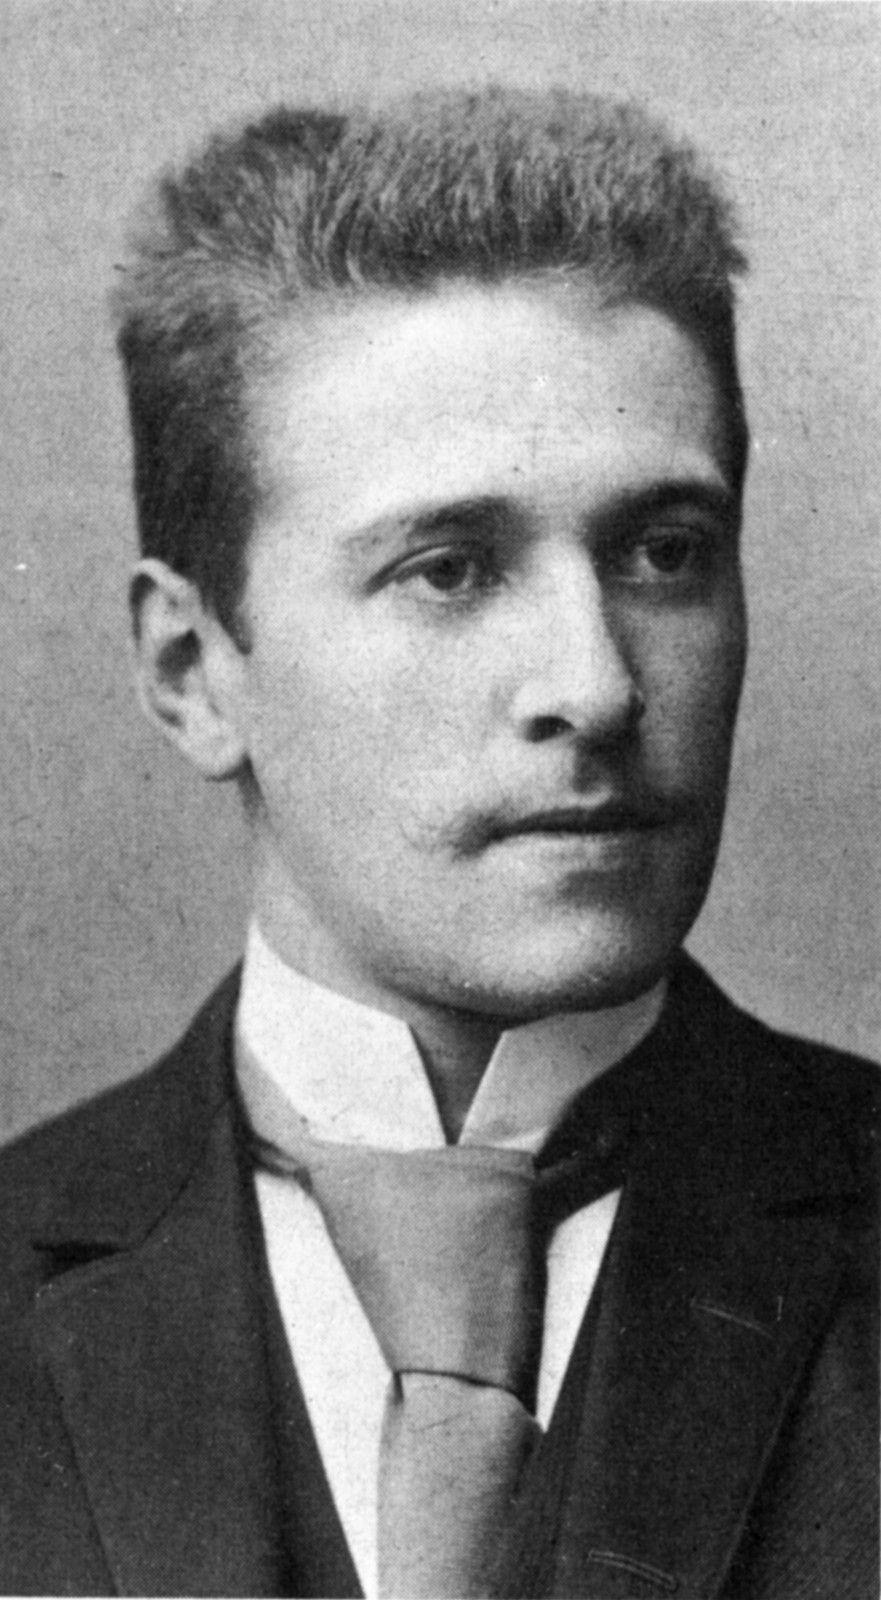 Hugo Hofmannsthal